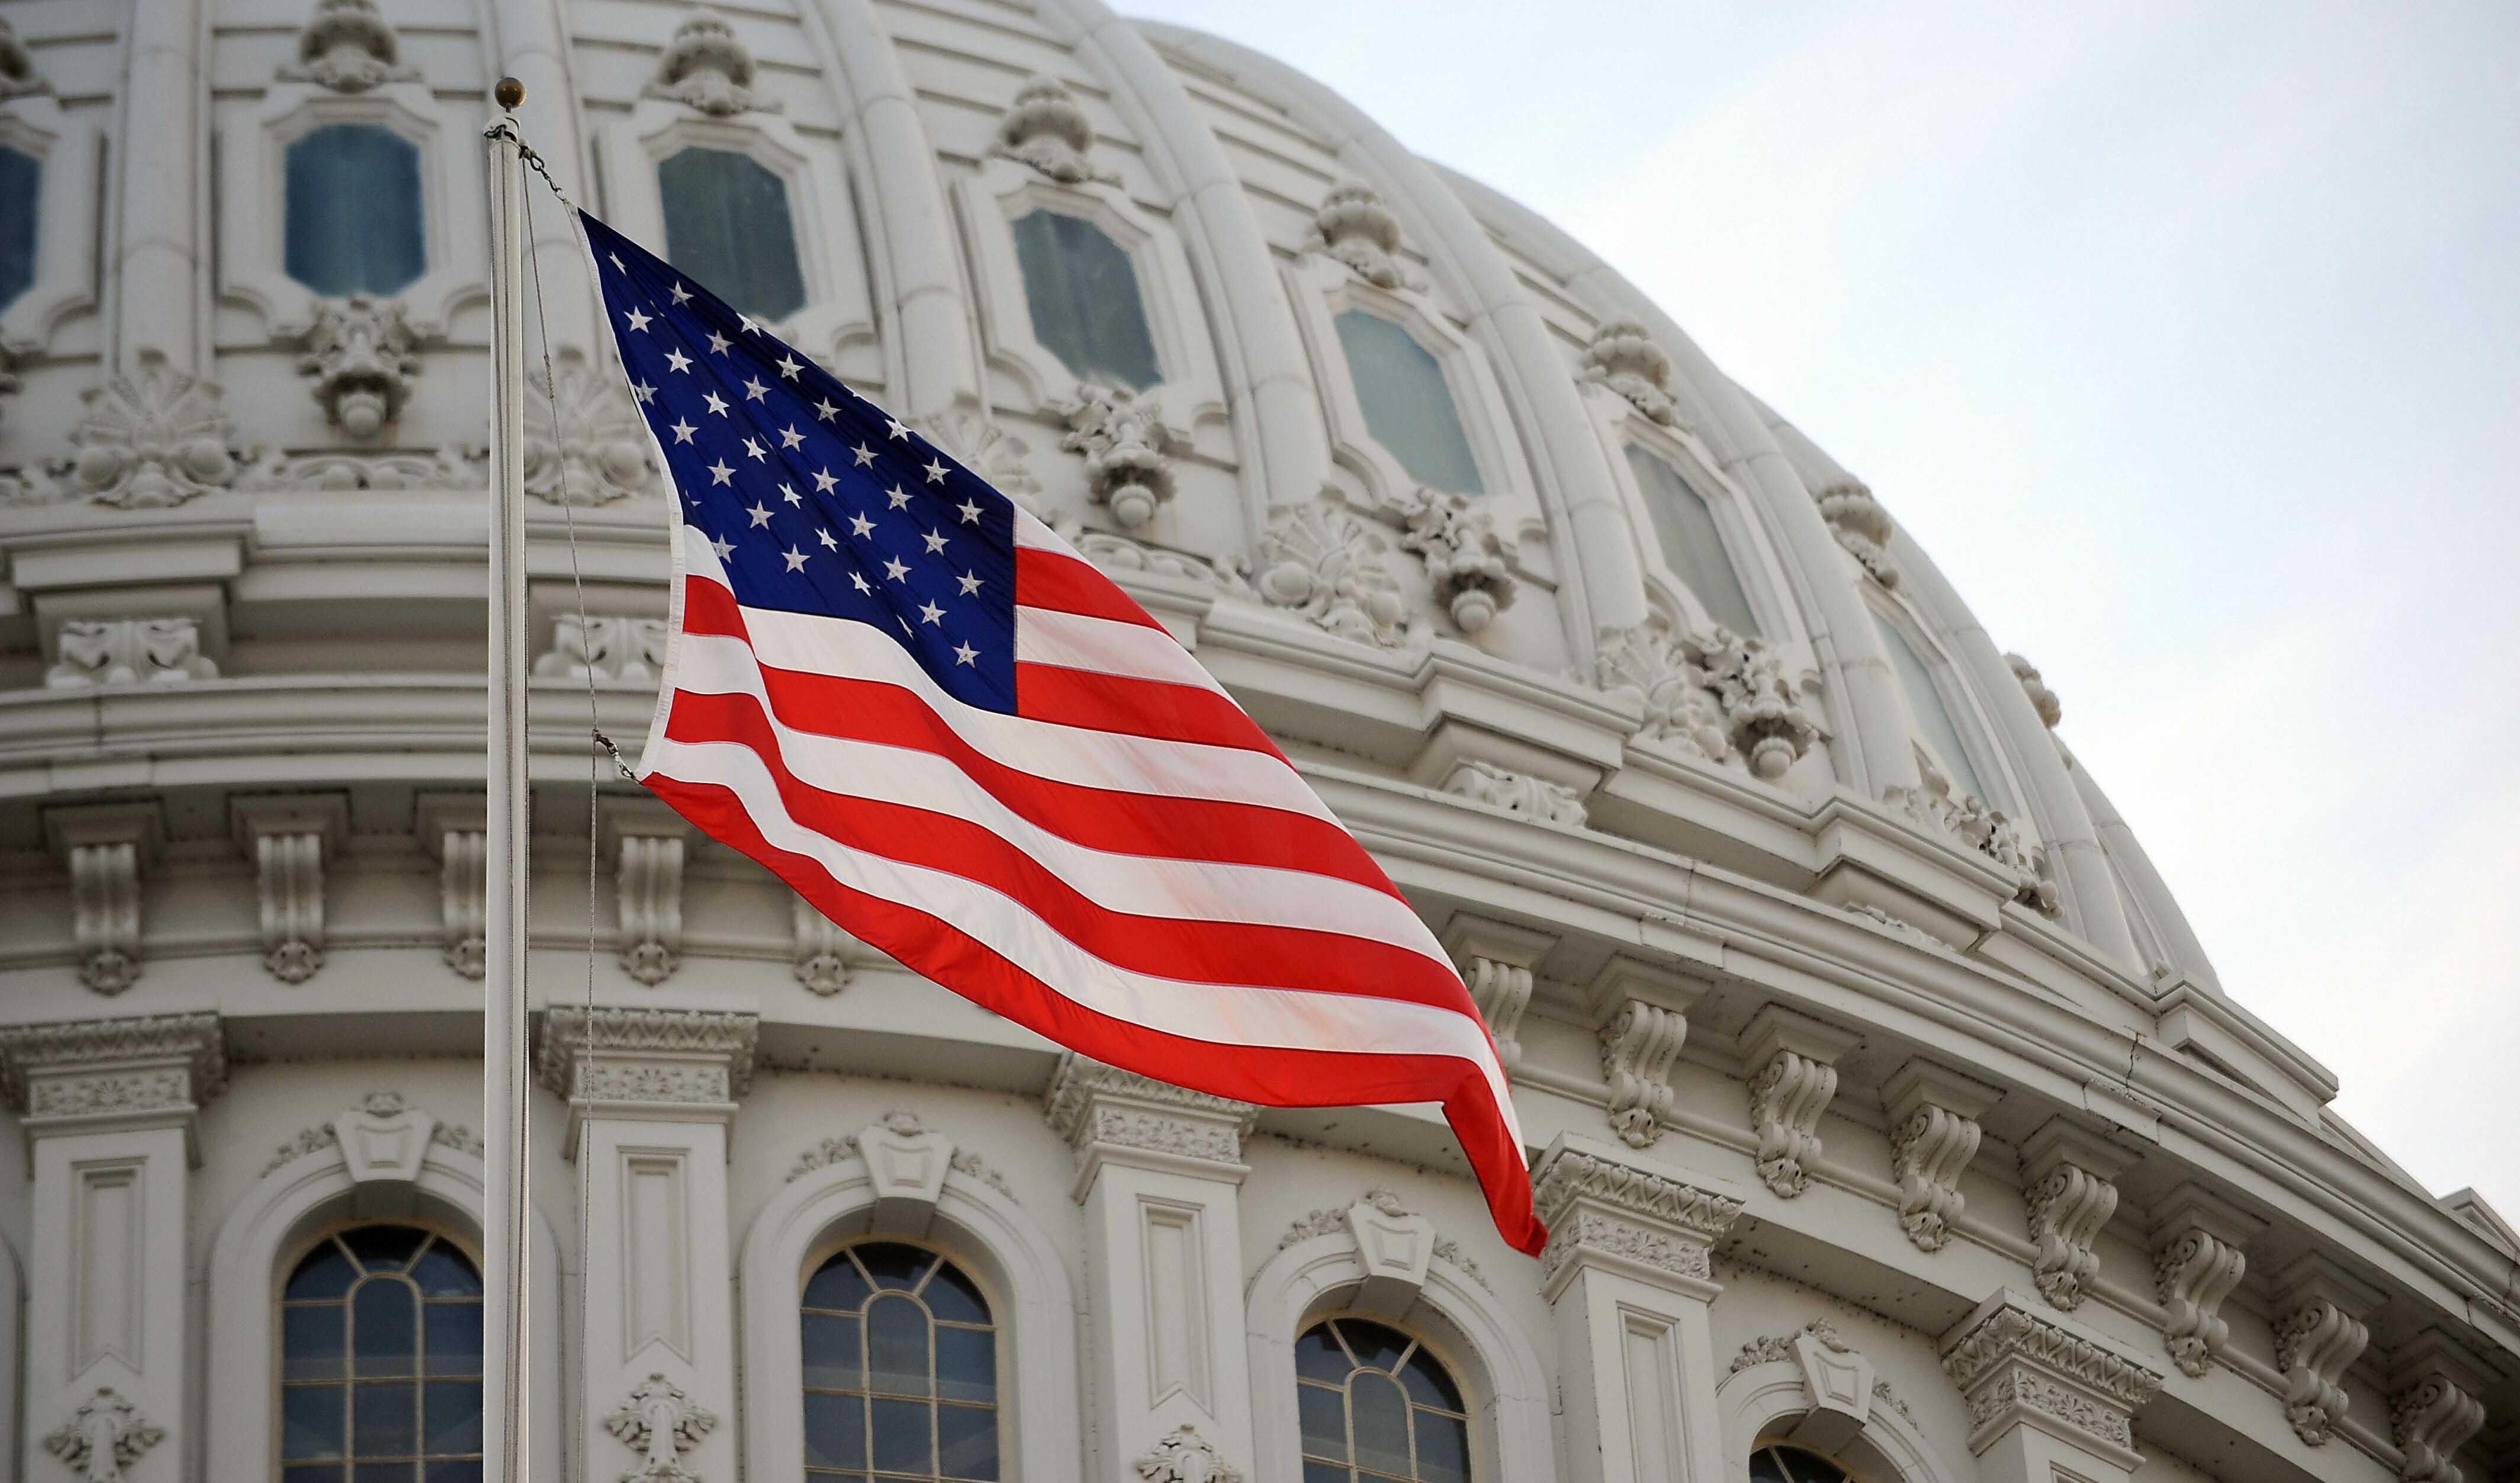 افزایش سرسام آور بدهی آمریکا